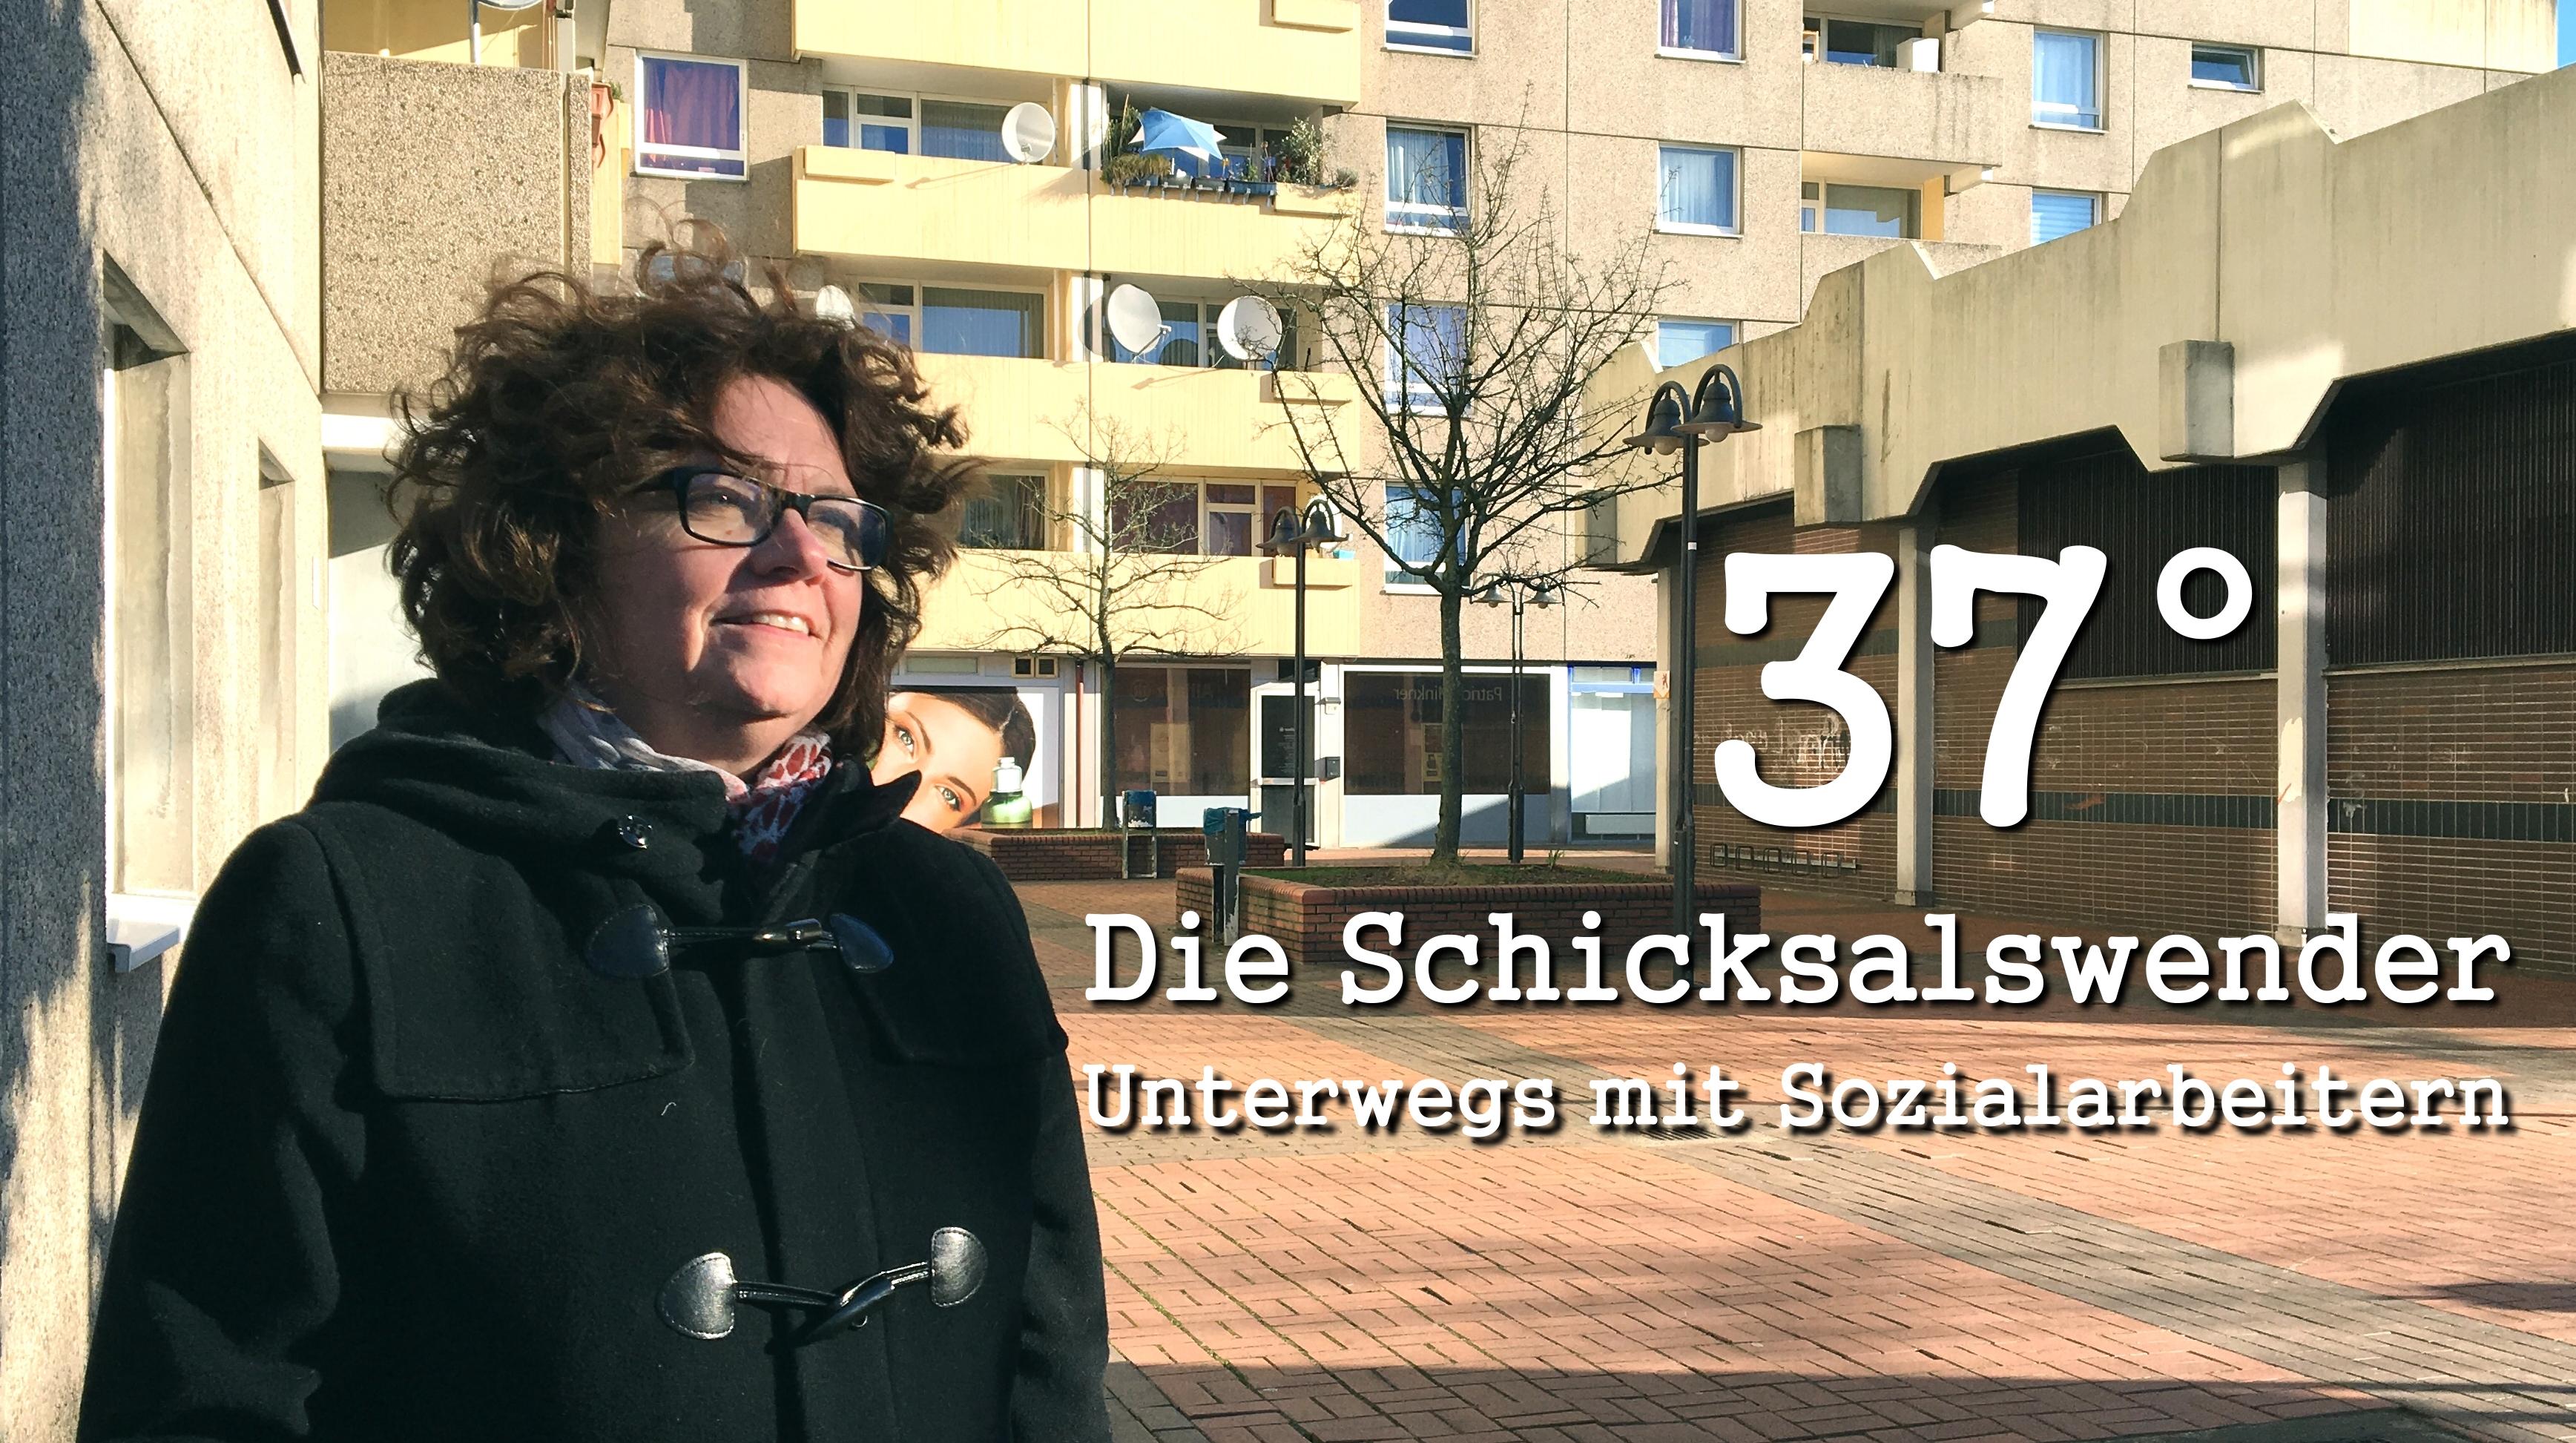 37° Die Schicksalswender. Unterwegs mit Sozialarbeitern.